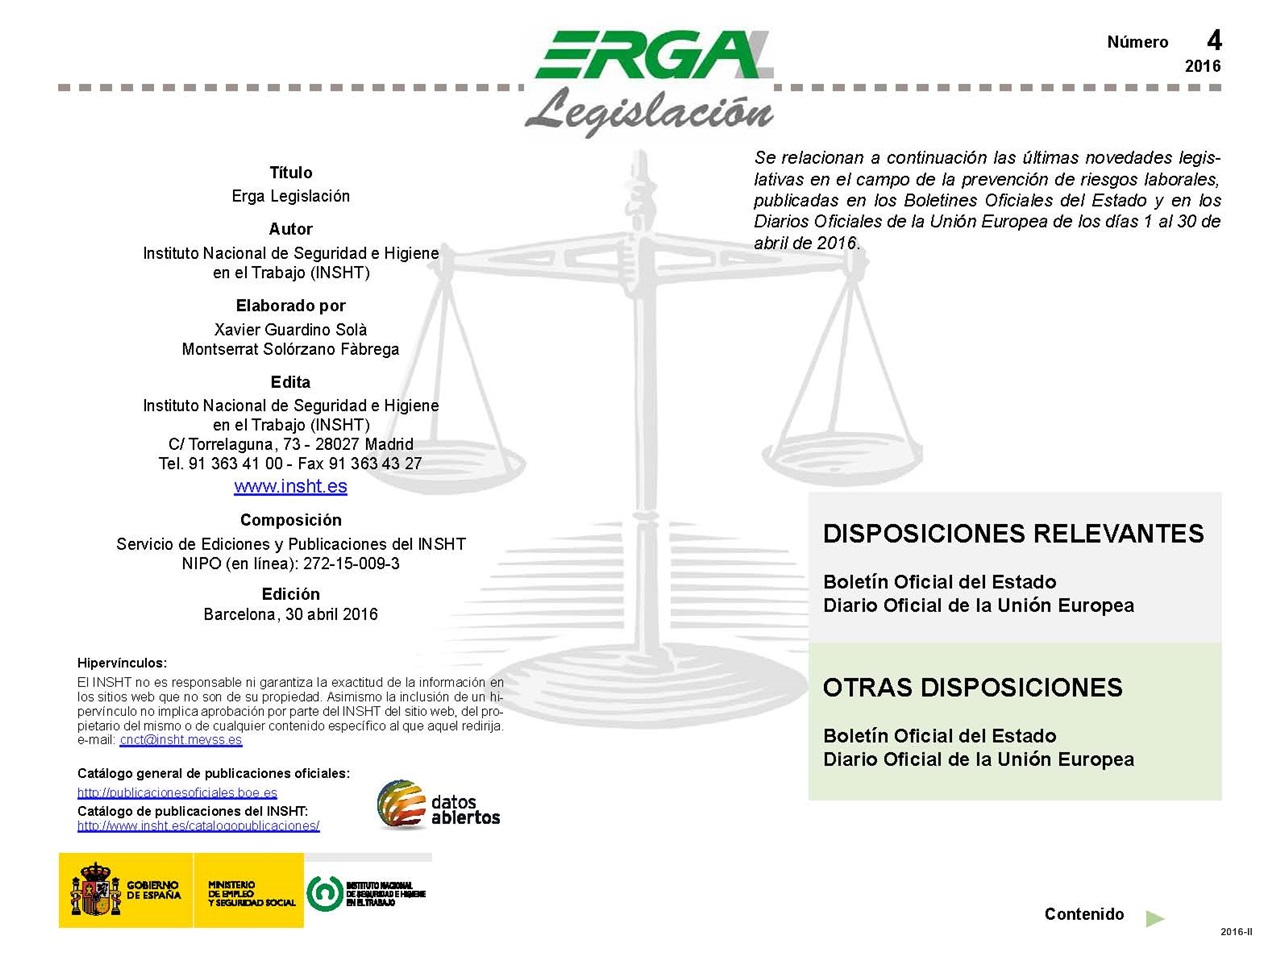 Cubierta de ERGA : Legislación